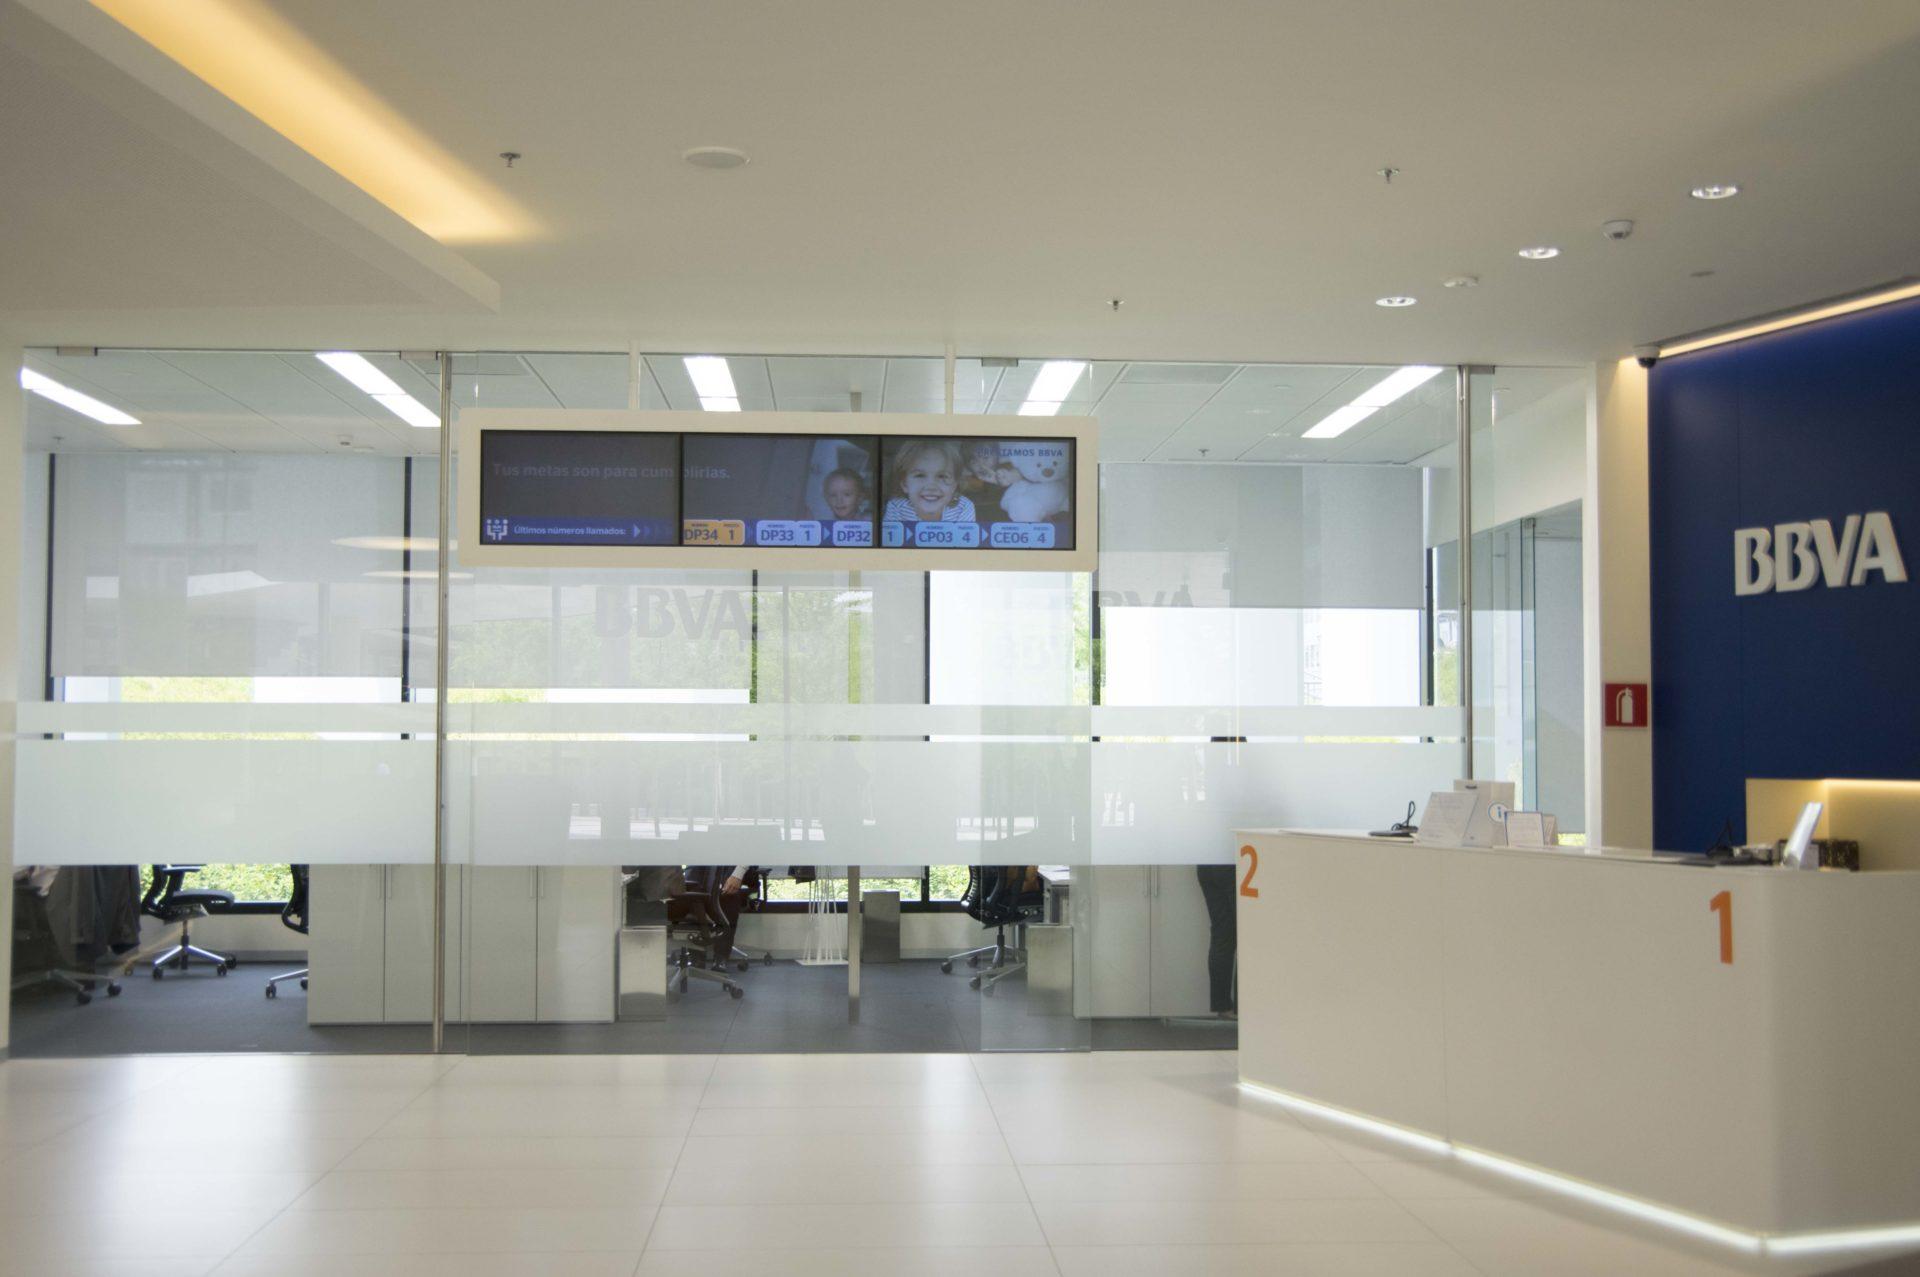 Acudir a la oficina con cita previa ya es posible en bbva for Oficinas bbva mallorca